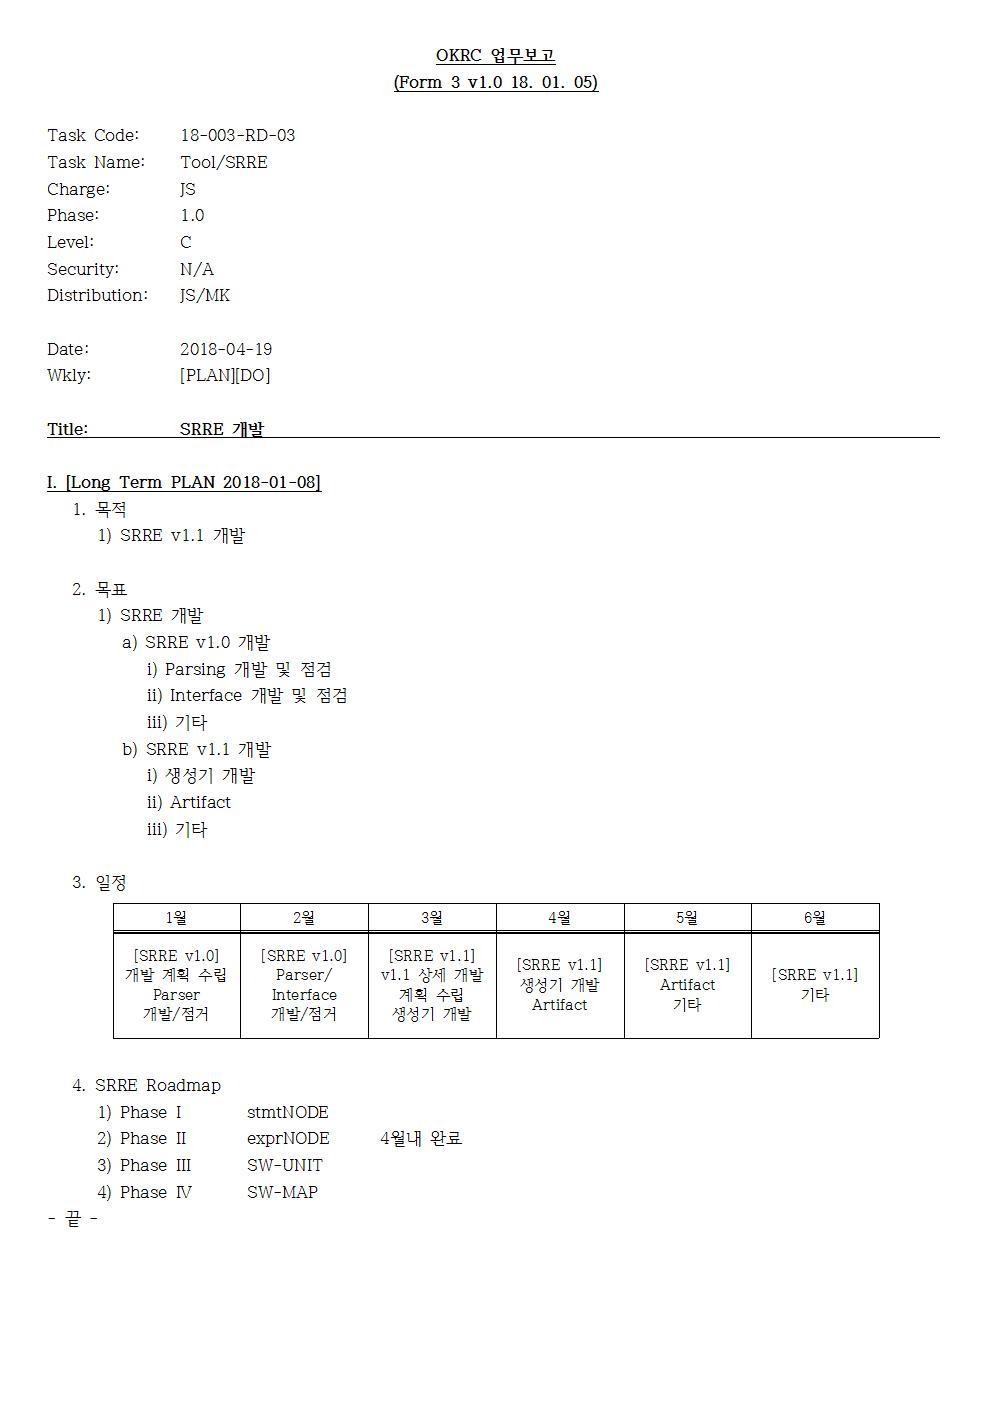 D-[18-003-RD-03]-[SRRE]-[2018-04-19][JS]001.jpg